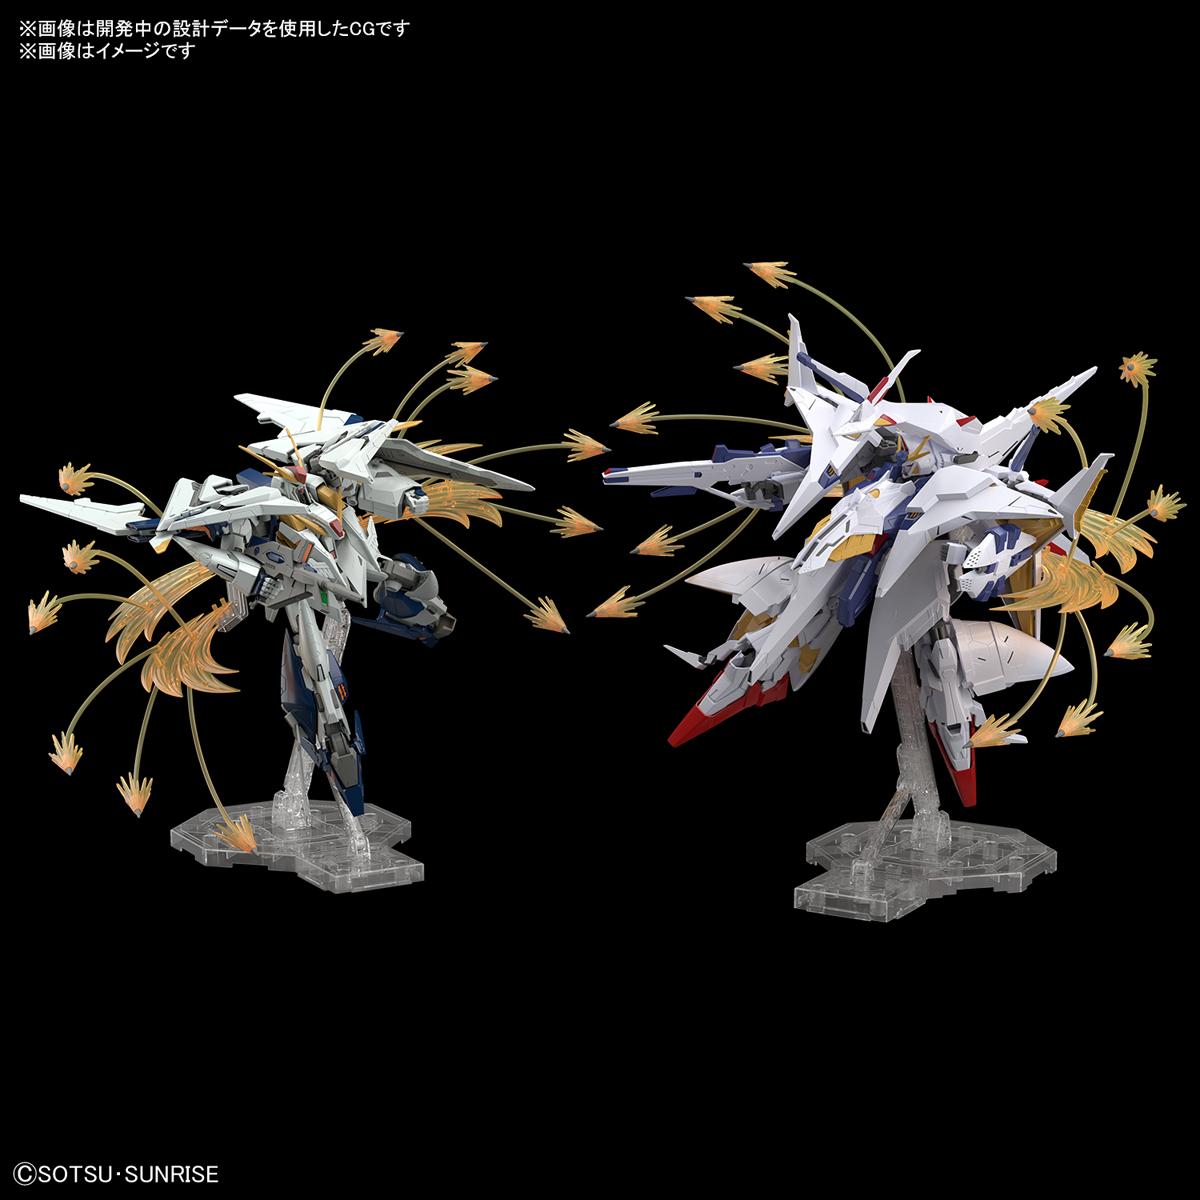 HGUC 1/144『Ξガンダム(クスィーガンダム)』機動戦士ガンダム 閃光のハサウェイ プラモデル-011